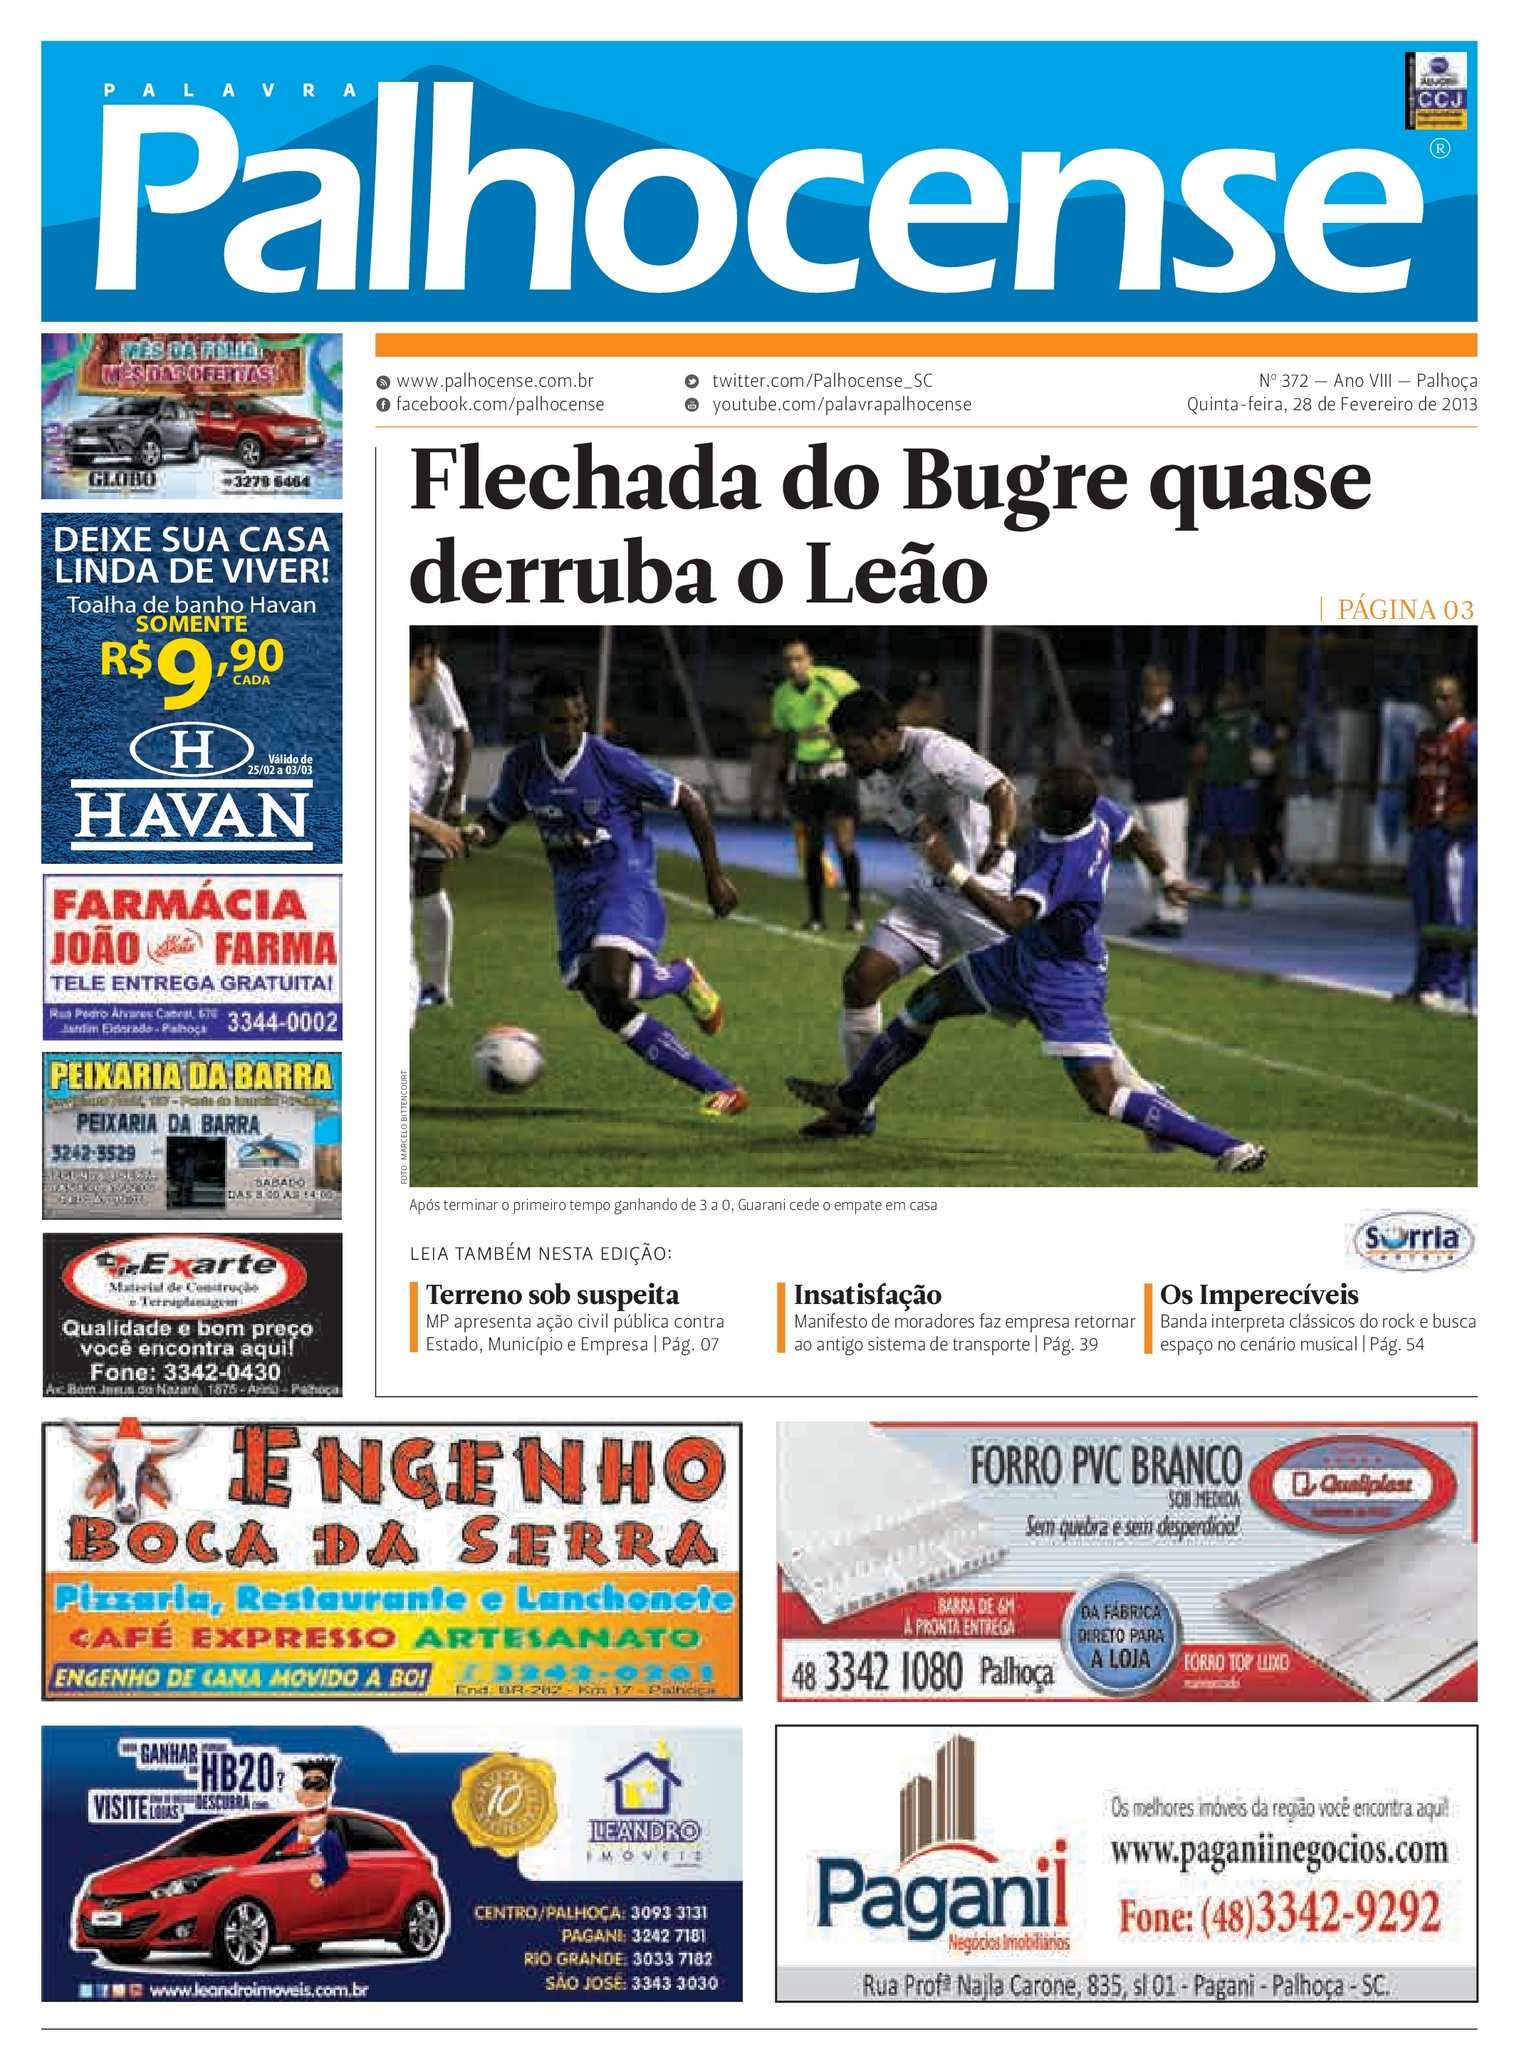 ae94edc10a942 Calaméo - Jornal Palavra Palhocense - Edição 372